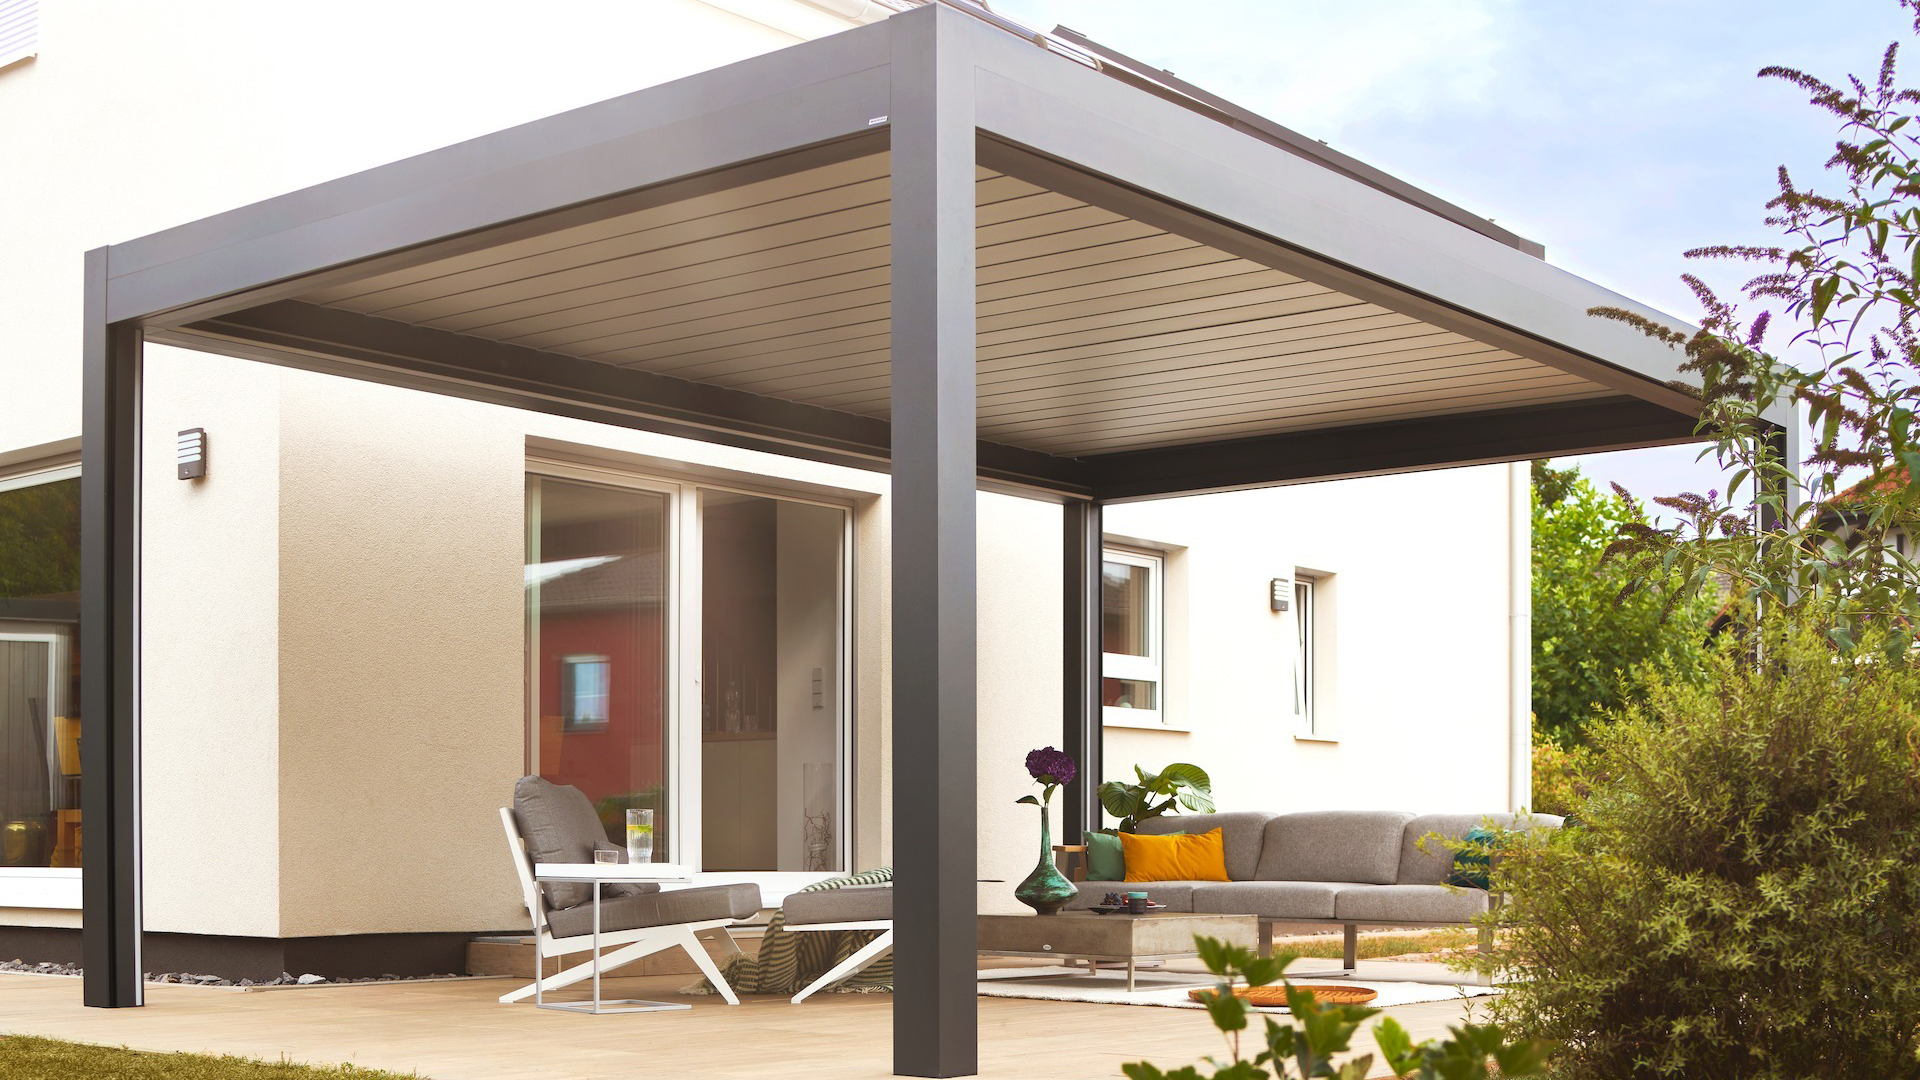 Lamellendach auf einer Terrasse an einem Wohnhaus